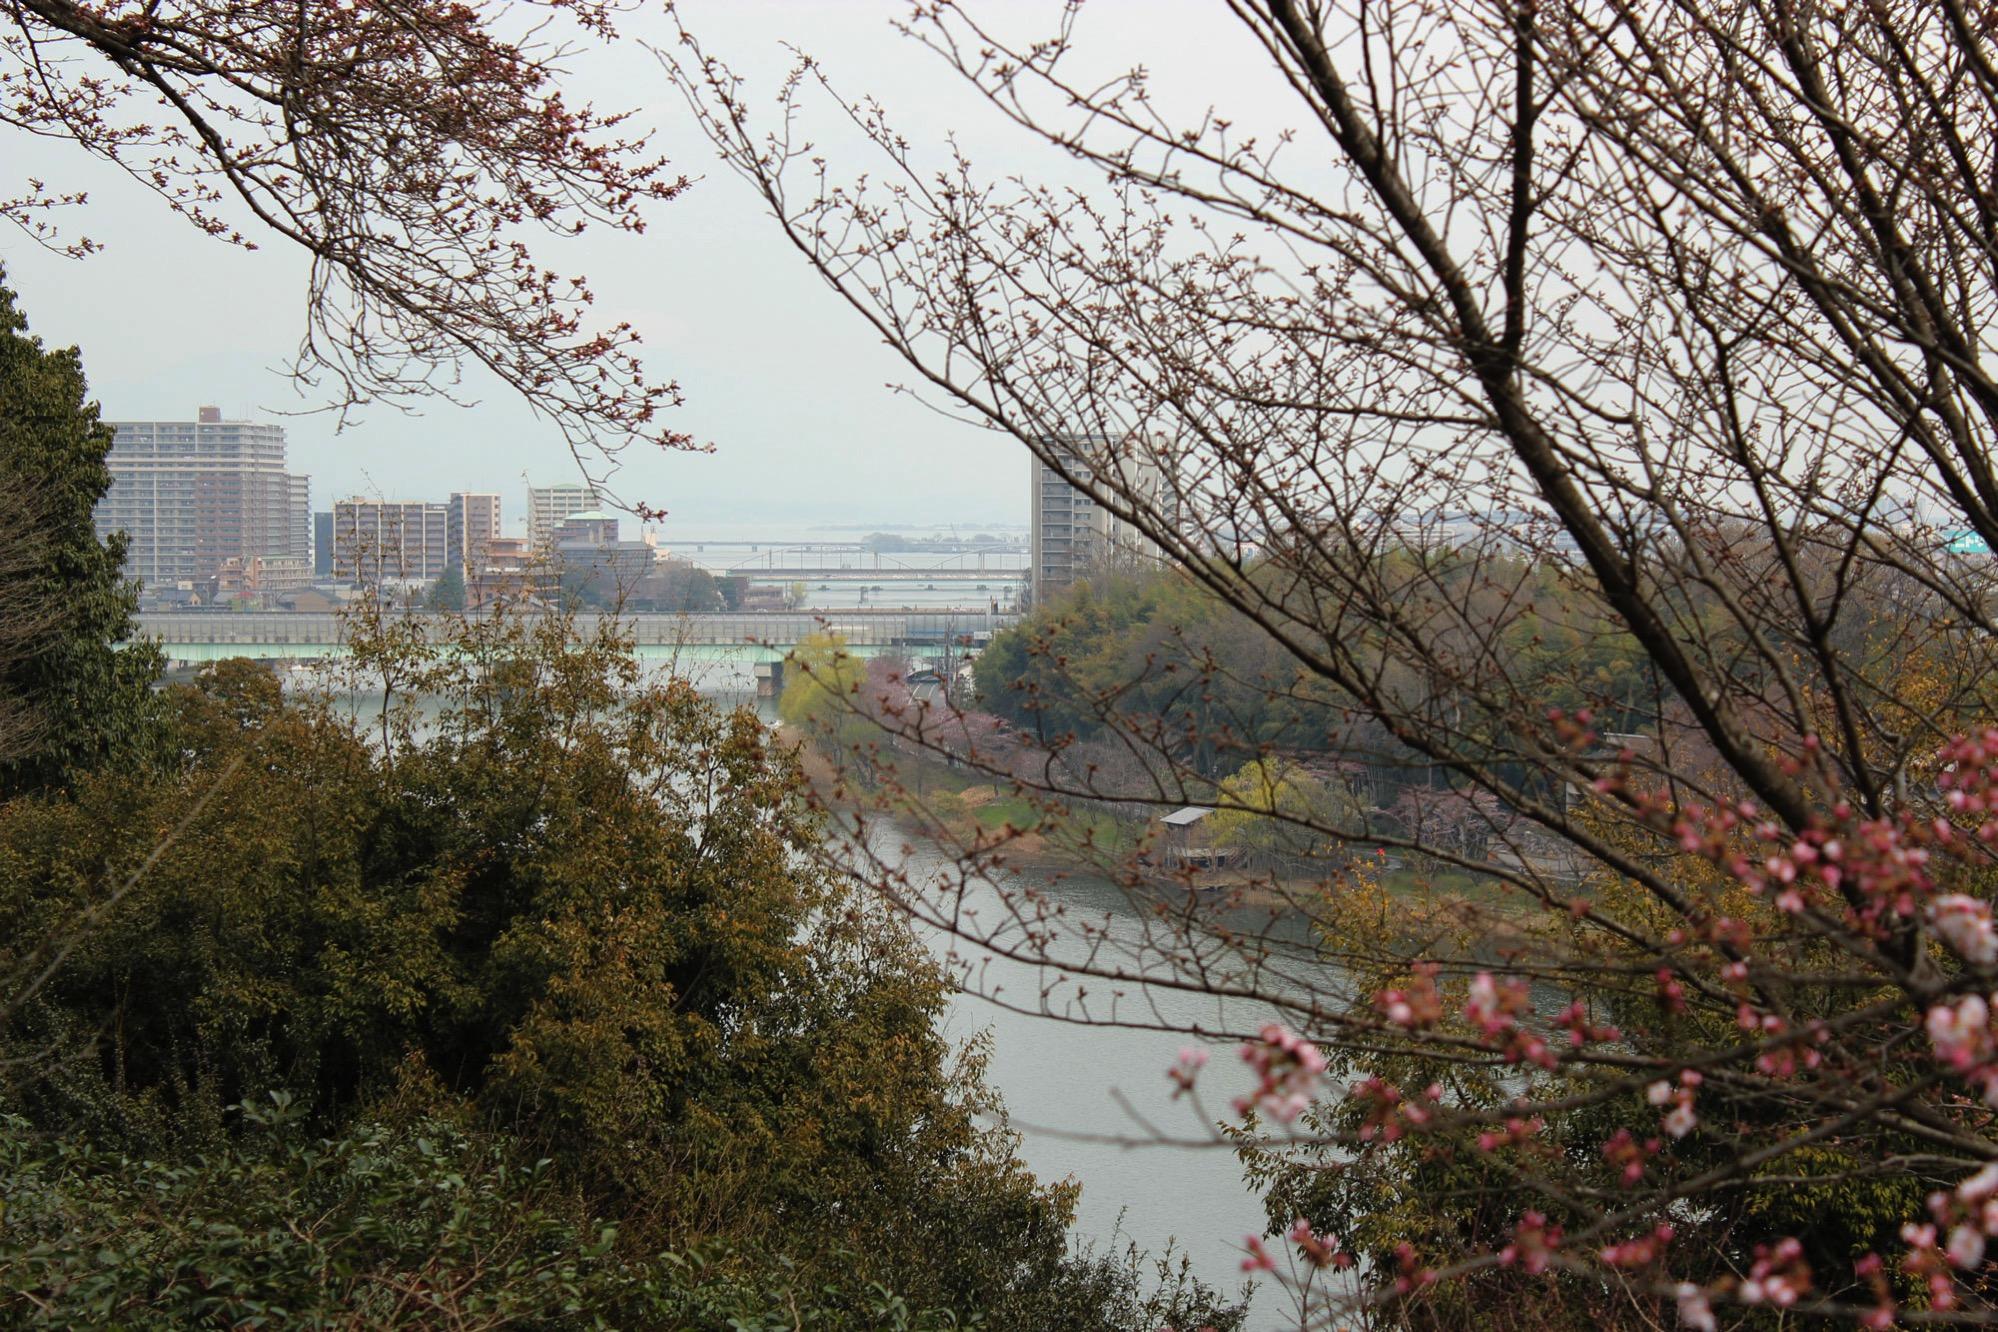 眼下には瀬田川、遠くには琵琶湖が見られる